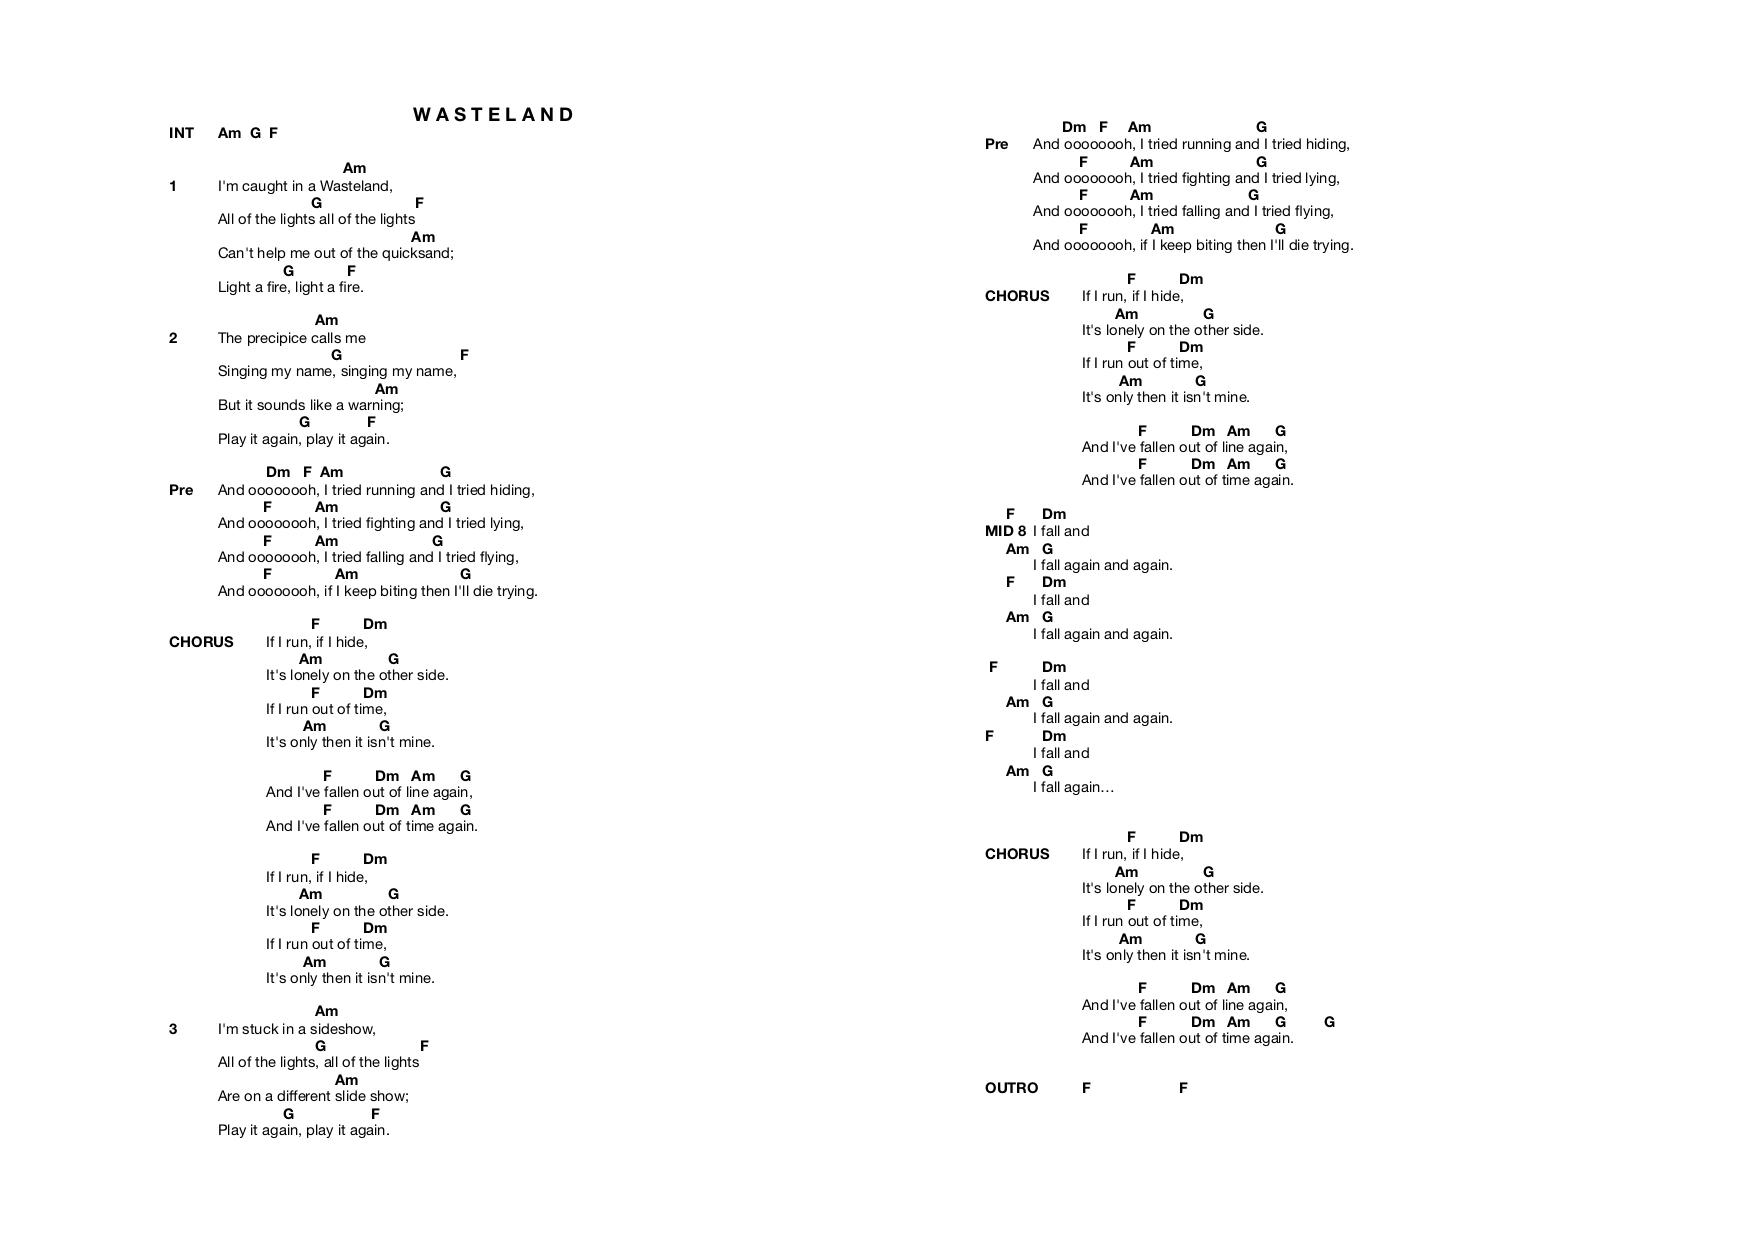 Lyrics and chords to Wasteland